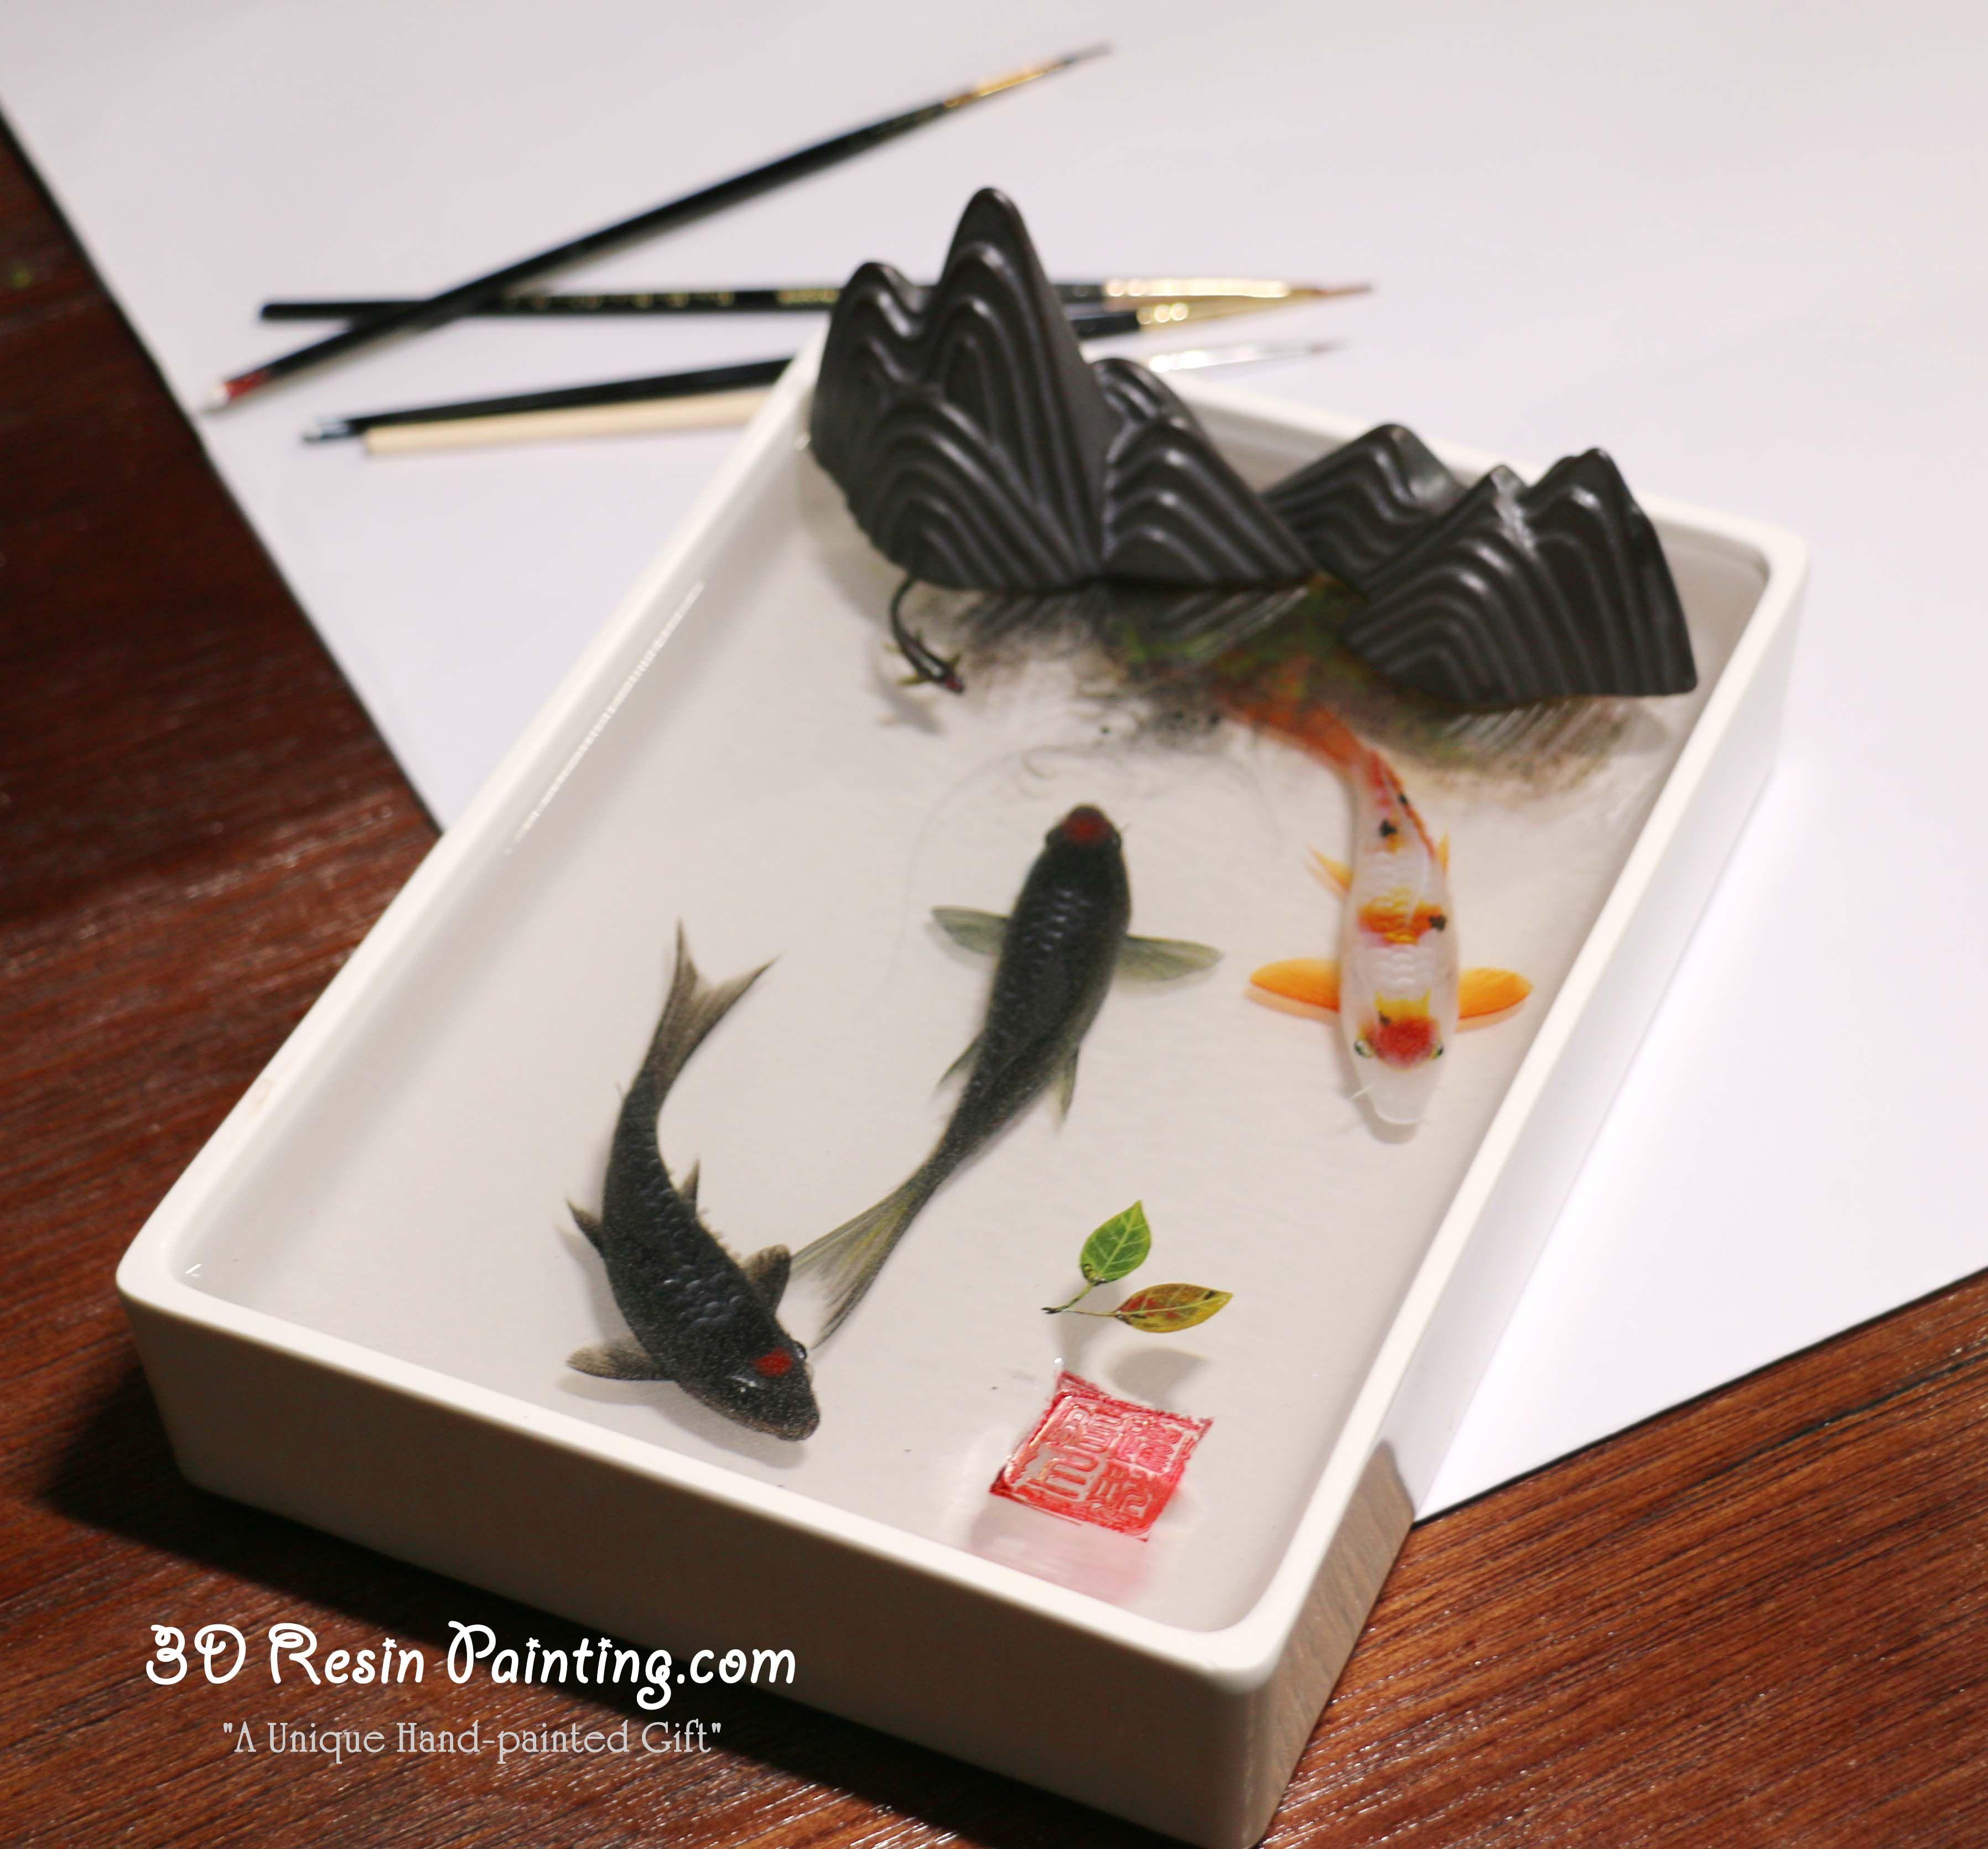 Oriental art 3d resin art for sale pen holder display